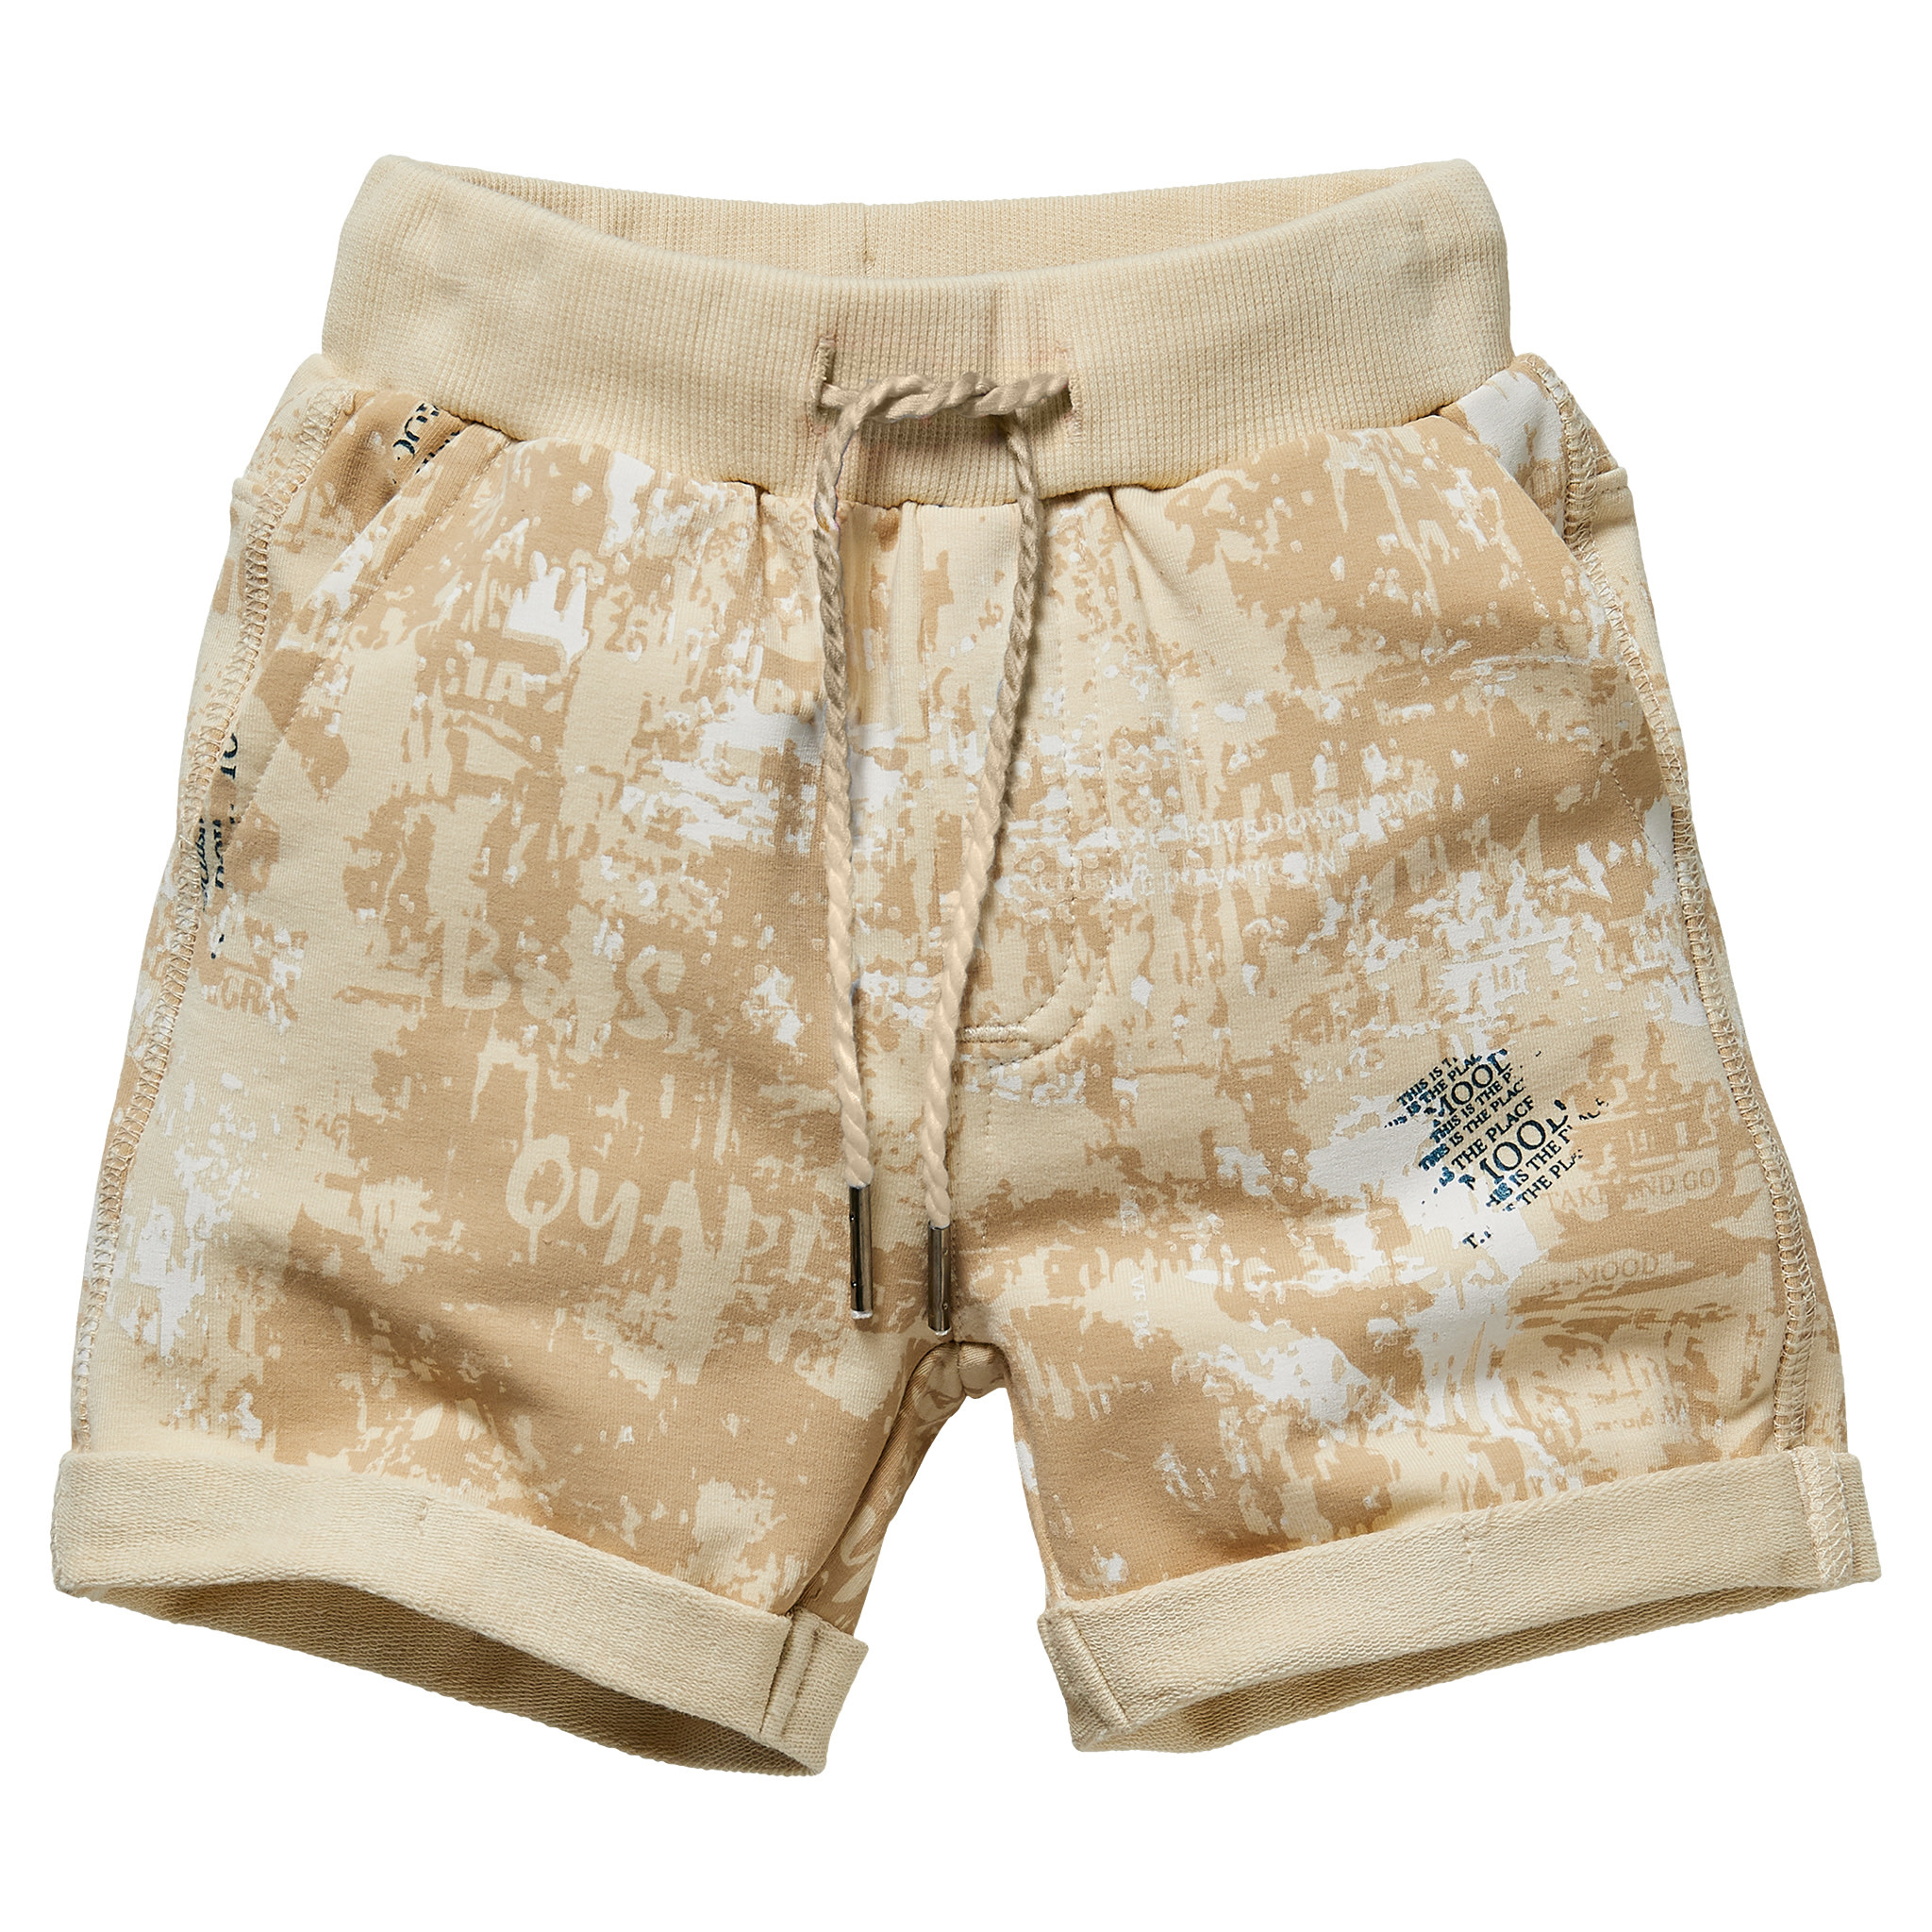 jongens short Giver dark sand splatter